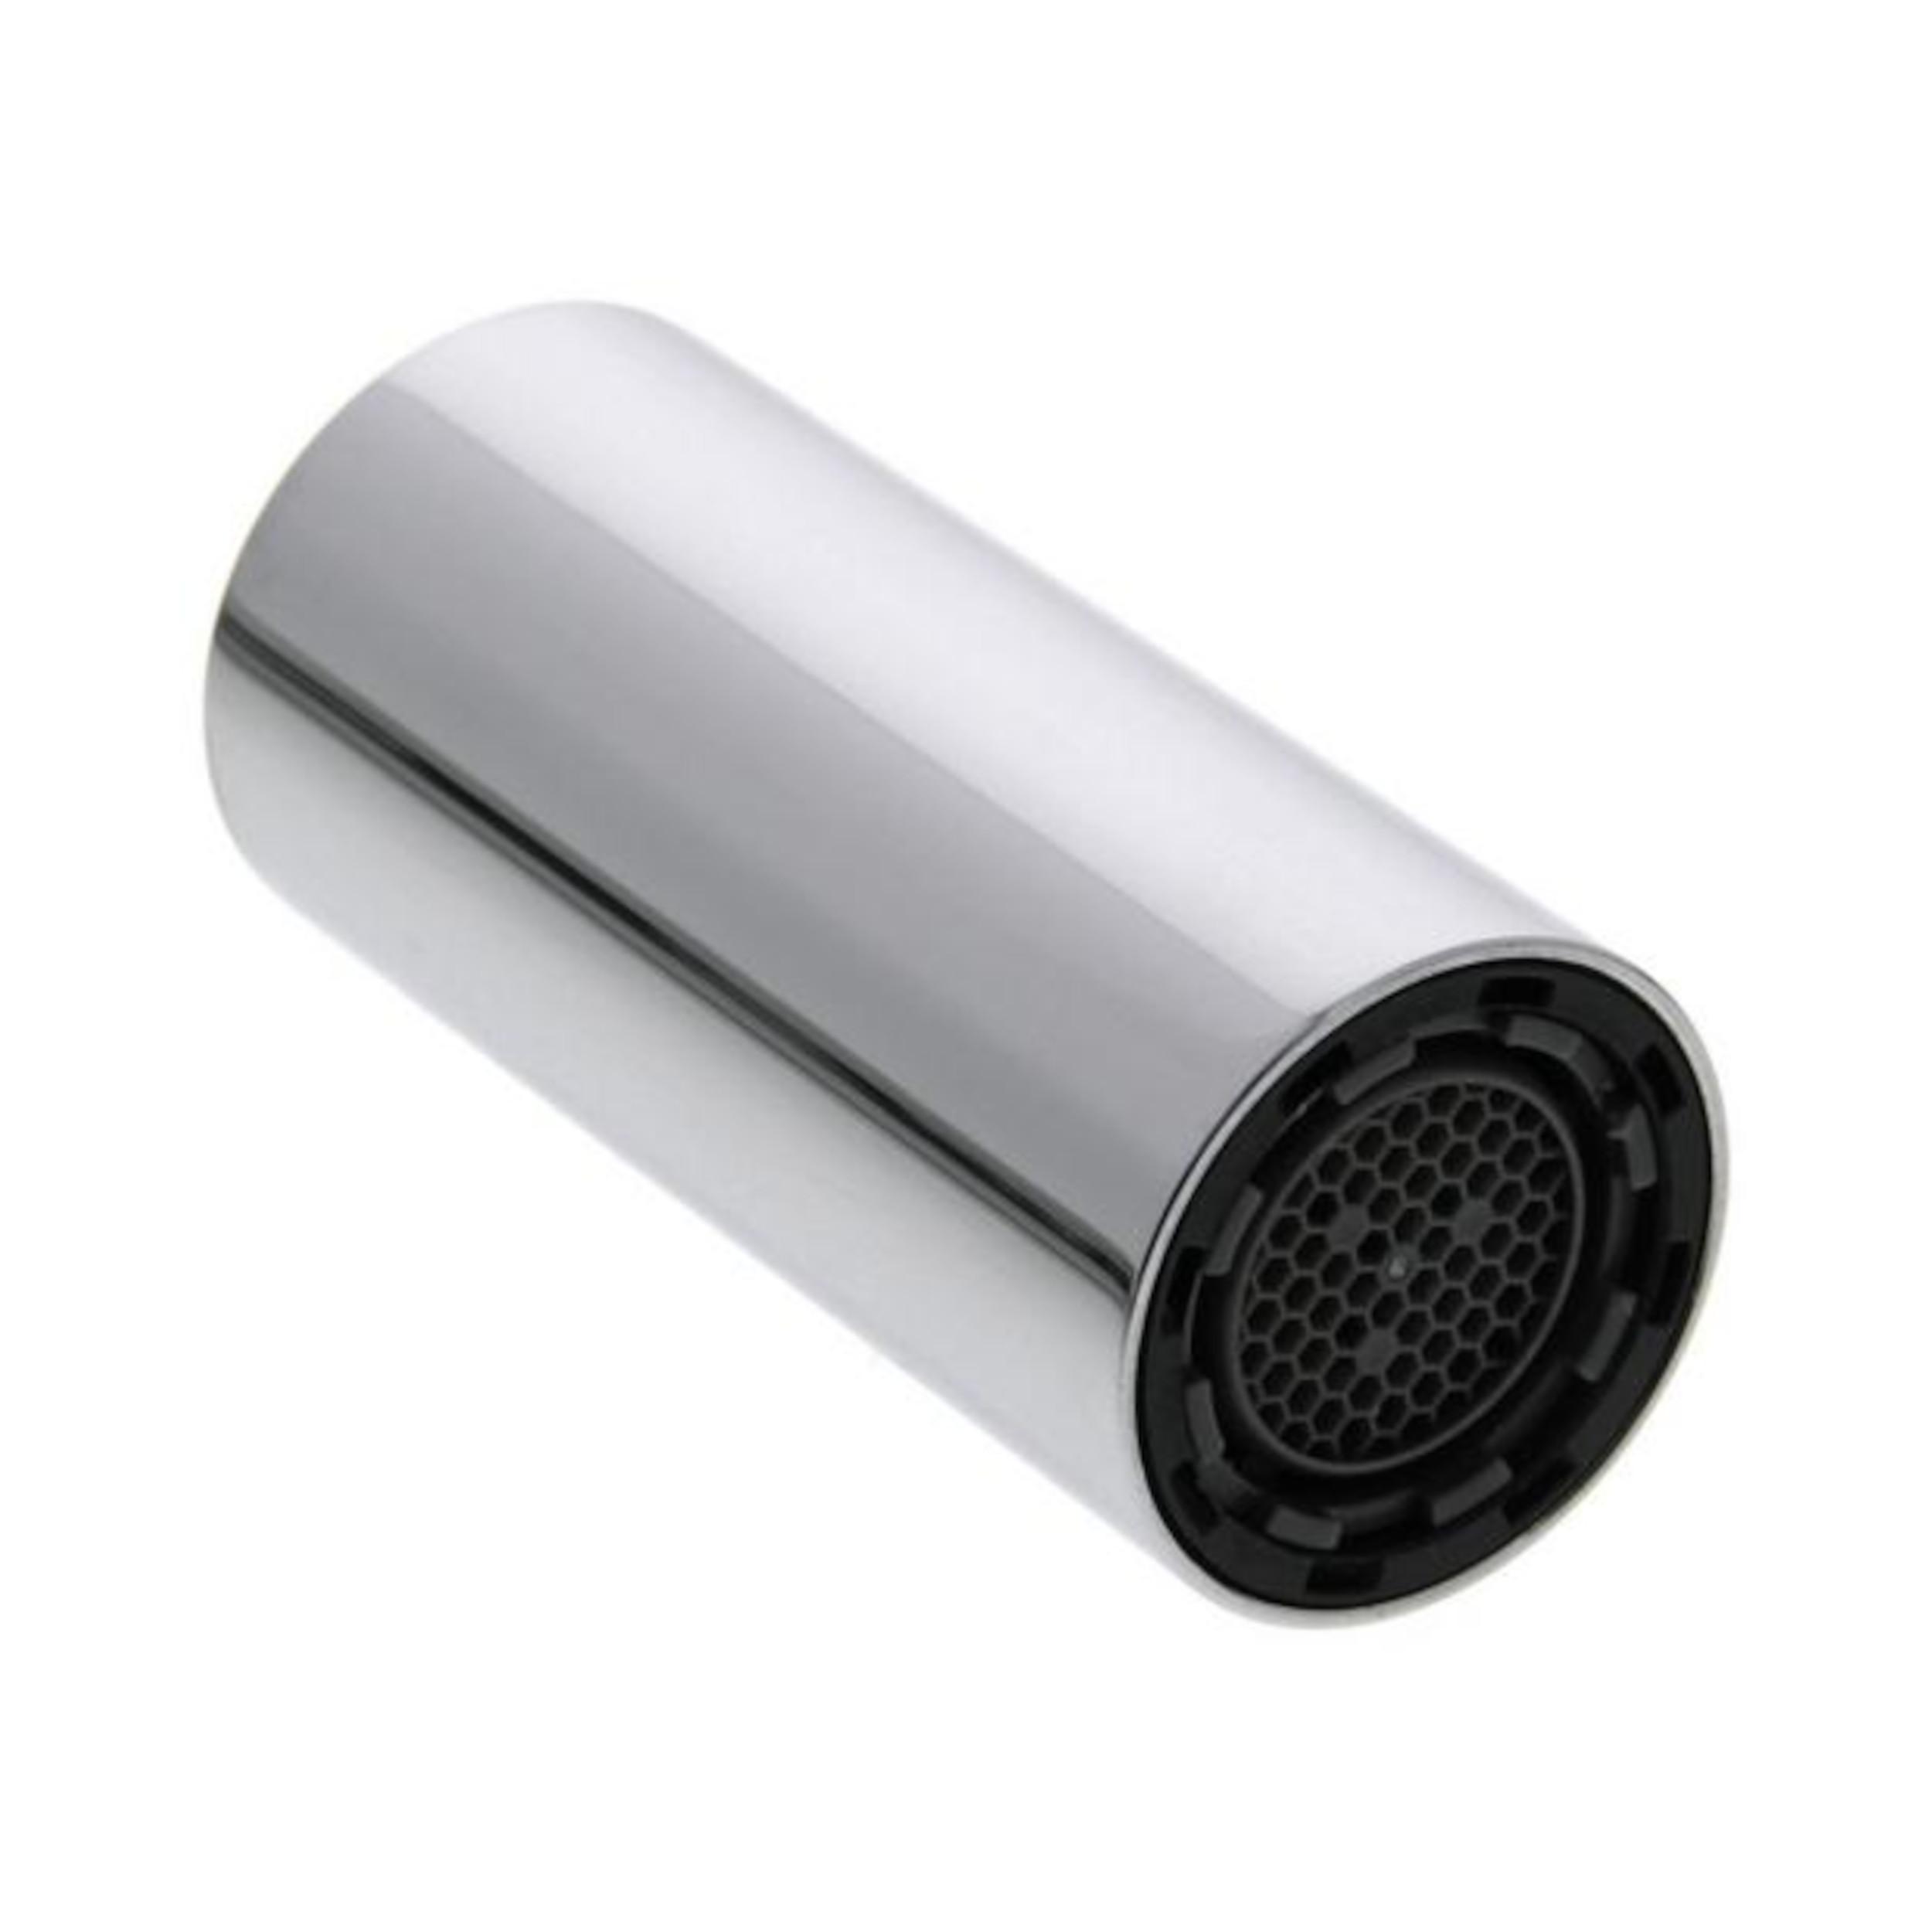 BLANCO BRAUSEKOPF VIU-S HD CHROM KOMPLETT MZ GALVANISCH, CHROM, 123412 Für Blanco Wasserhahn Hochdruck